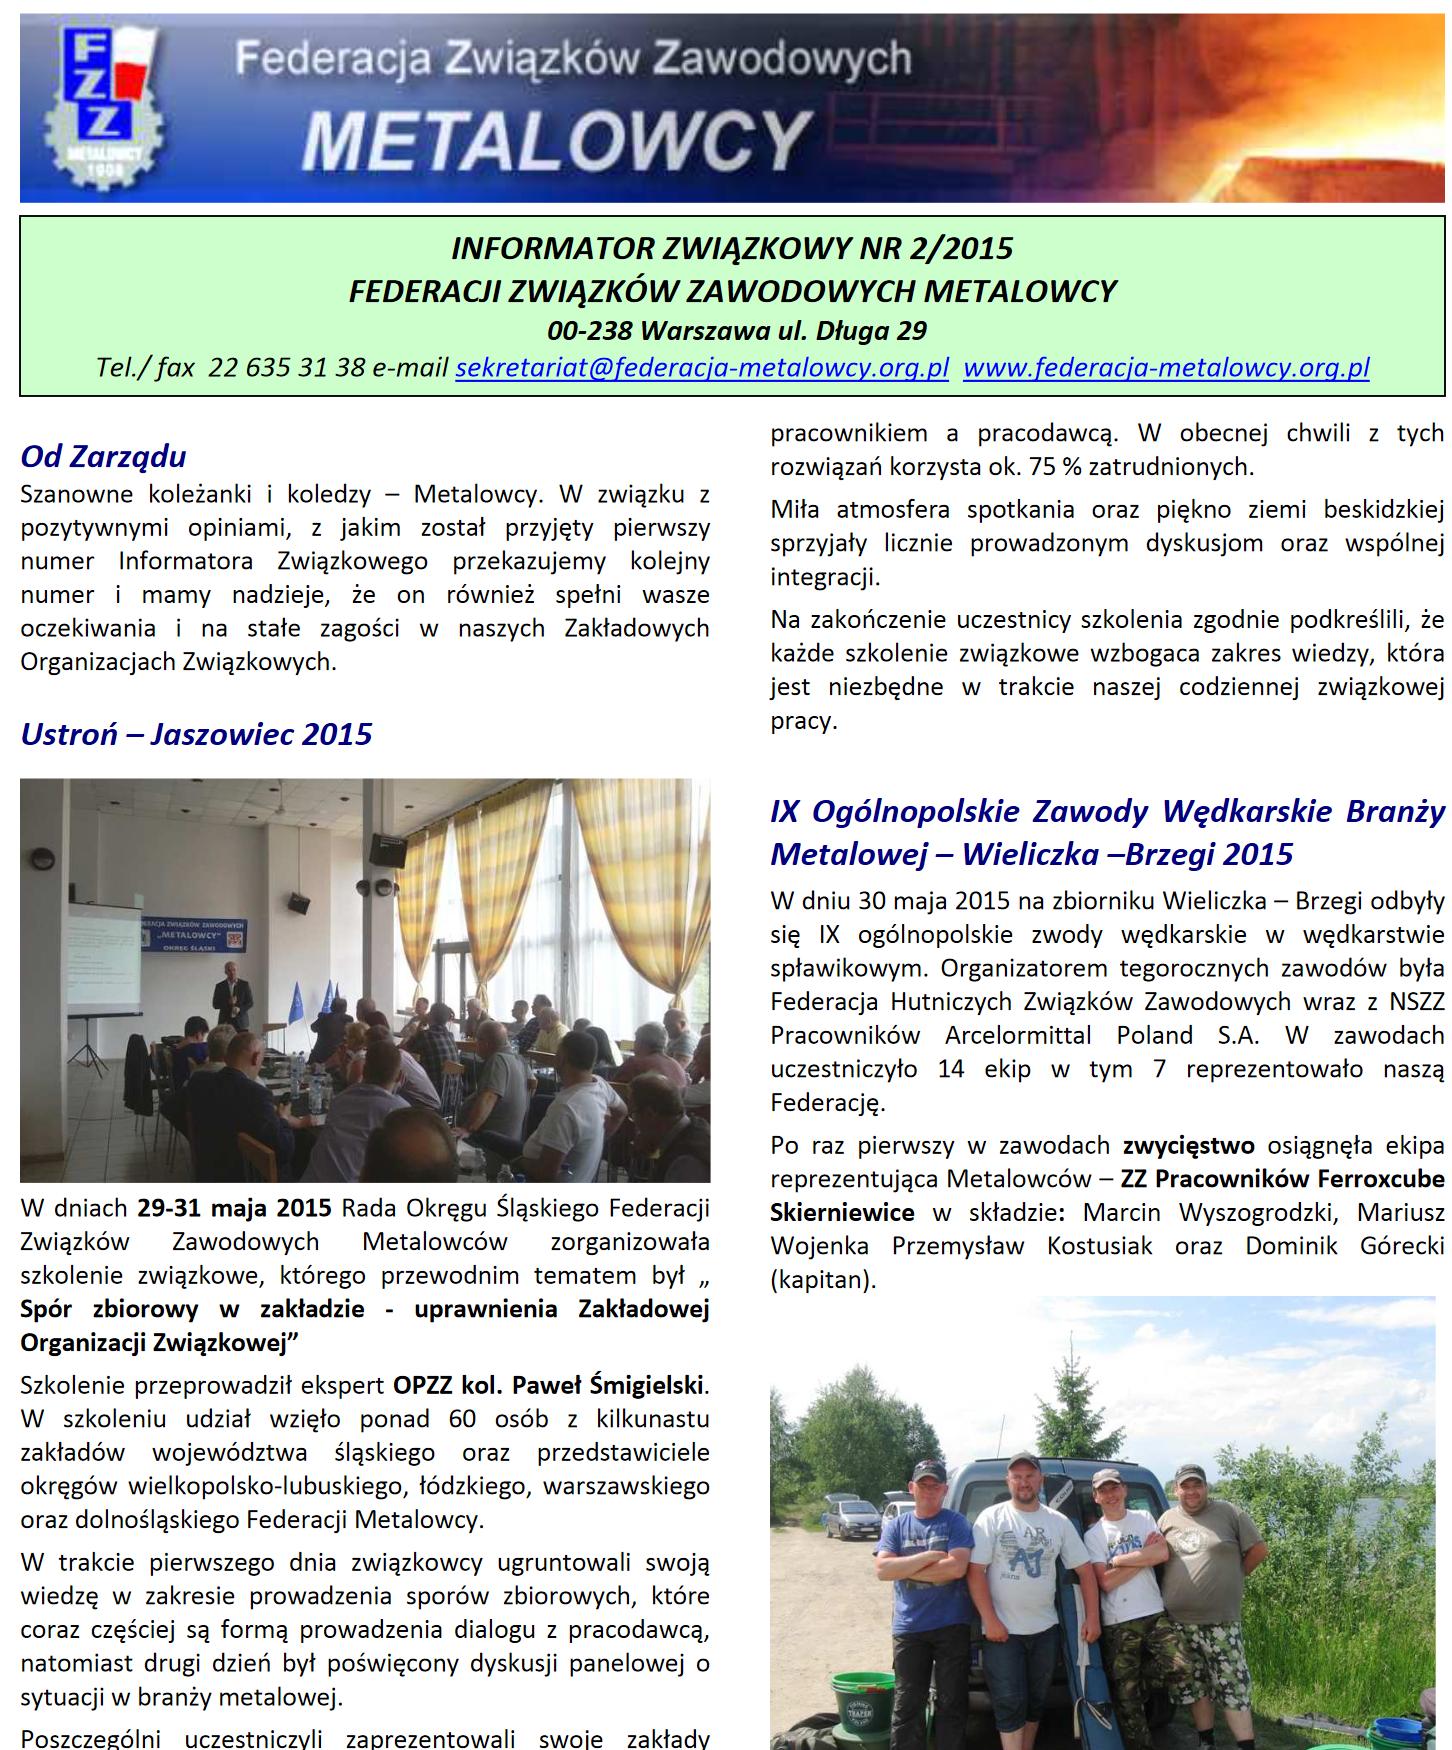 Informator Związkowy 2/2015